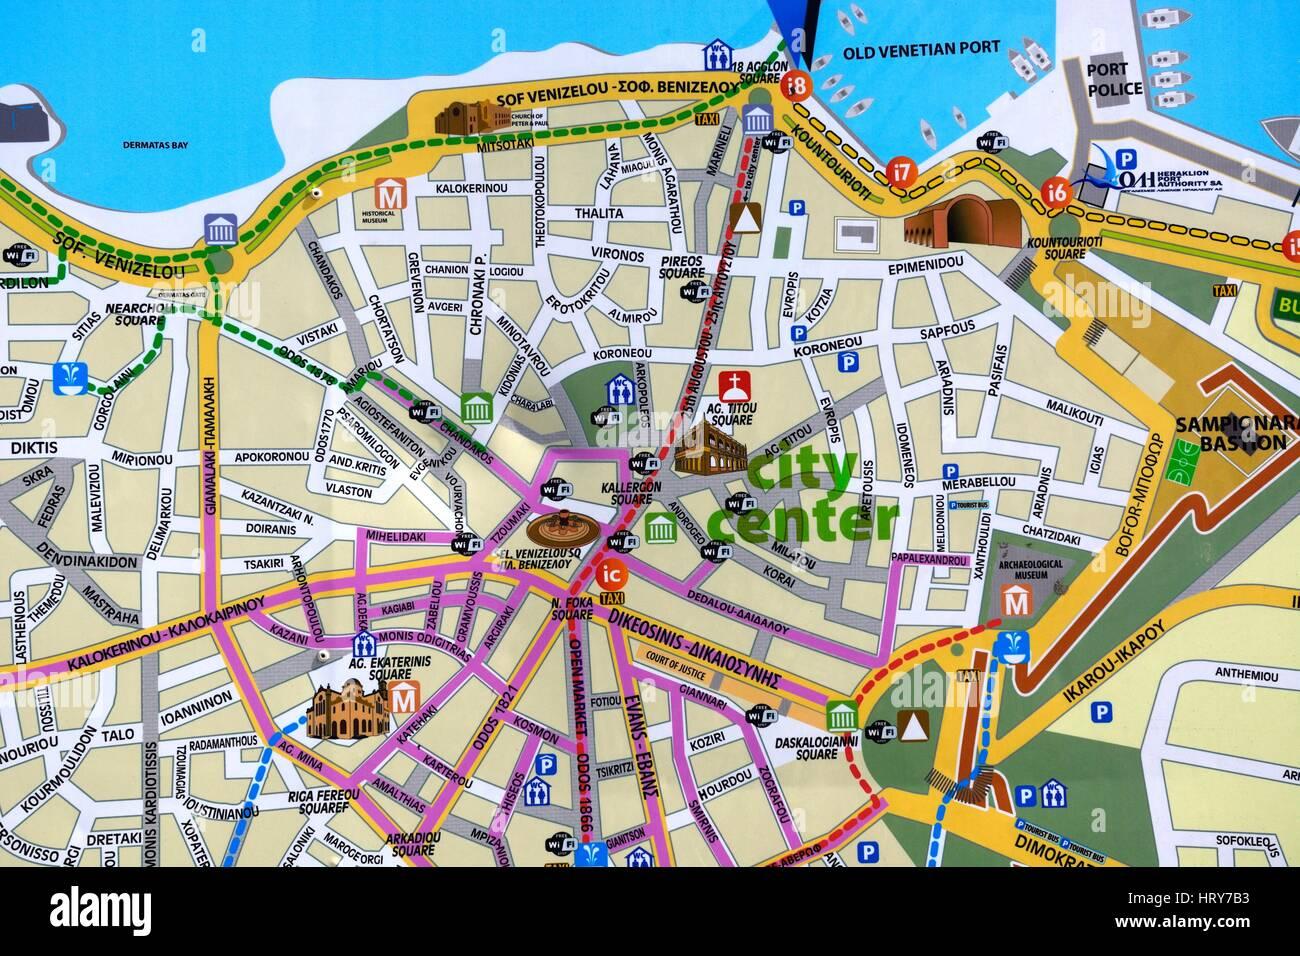 Kreta Karte Mit Sehenswürdigkeiten.Stadtplan Mit Sehenswürdigkeiten Heraklion Kreta Griechenland